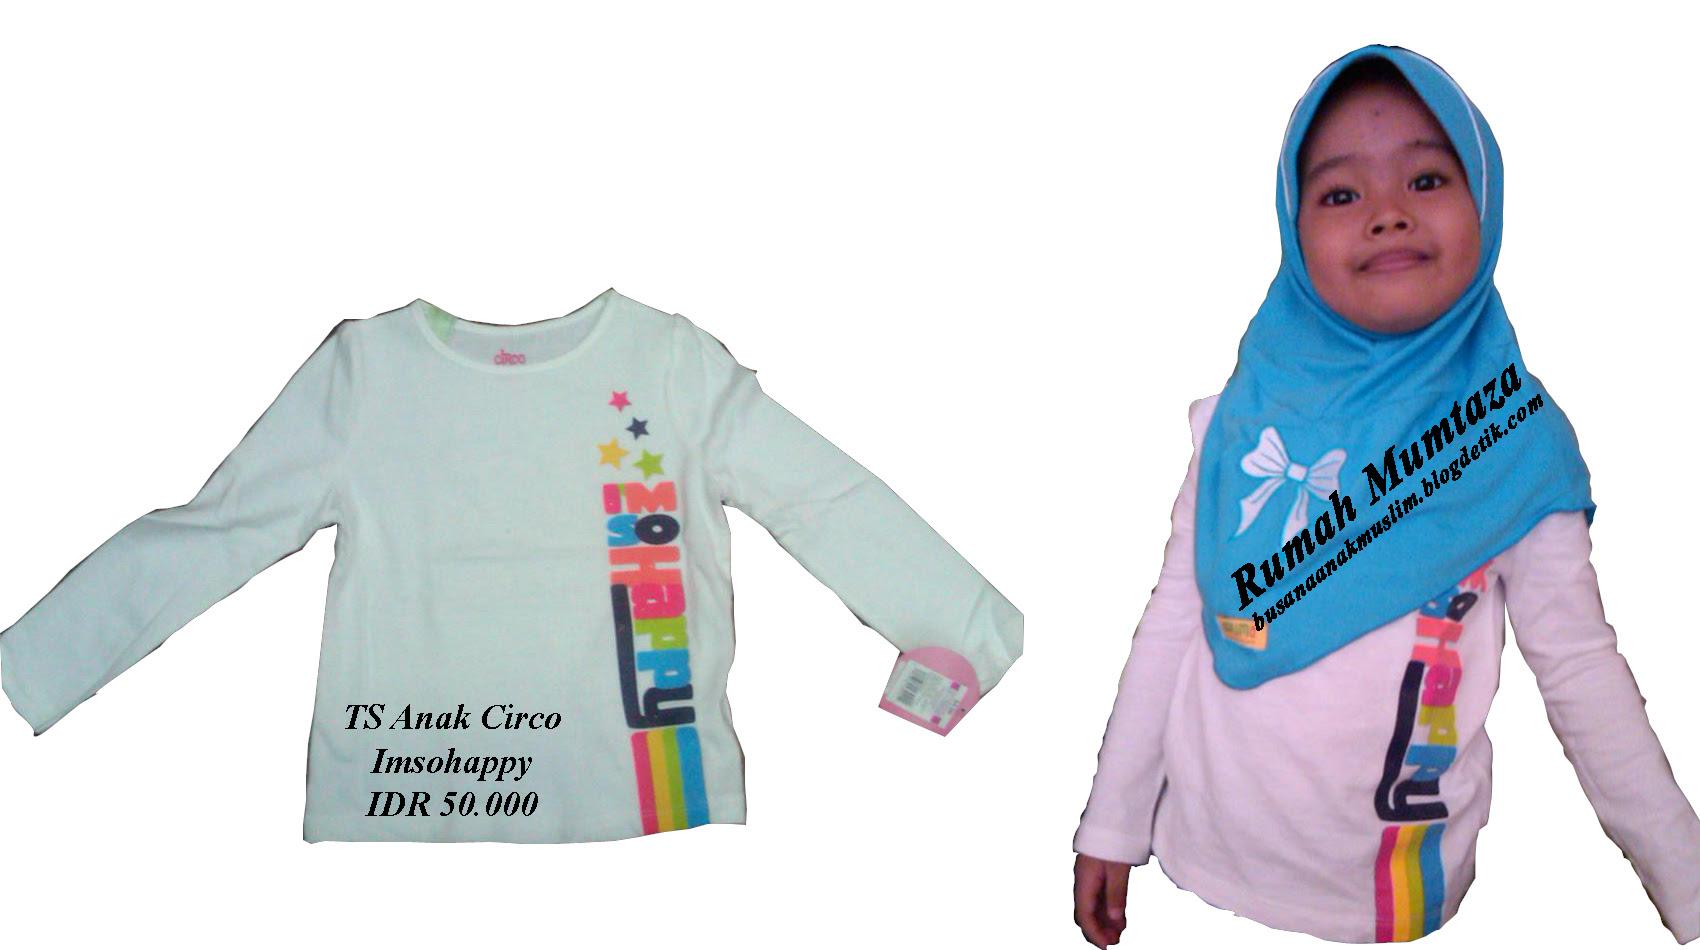 beli baju koko anak on-line